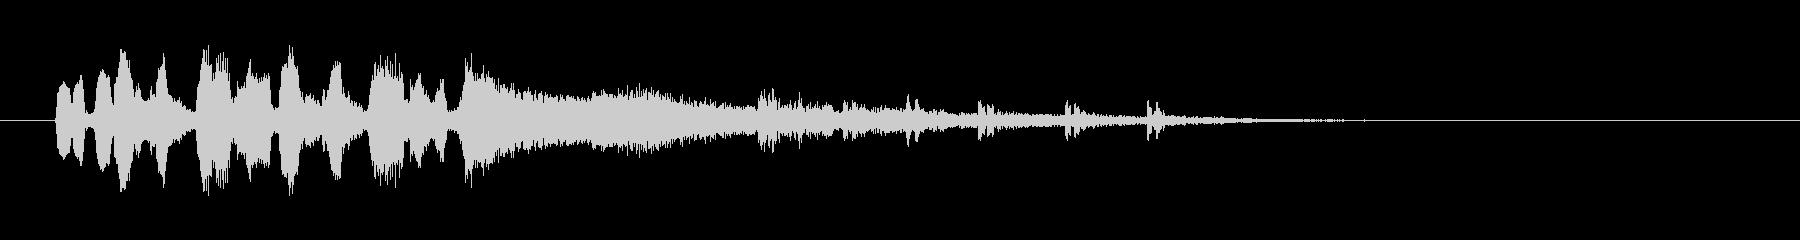 テーマ6A:フルミックス、ハッピー...の未再生の波形